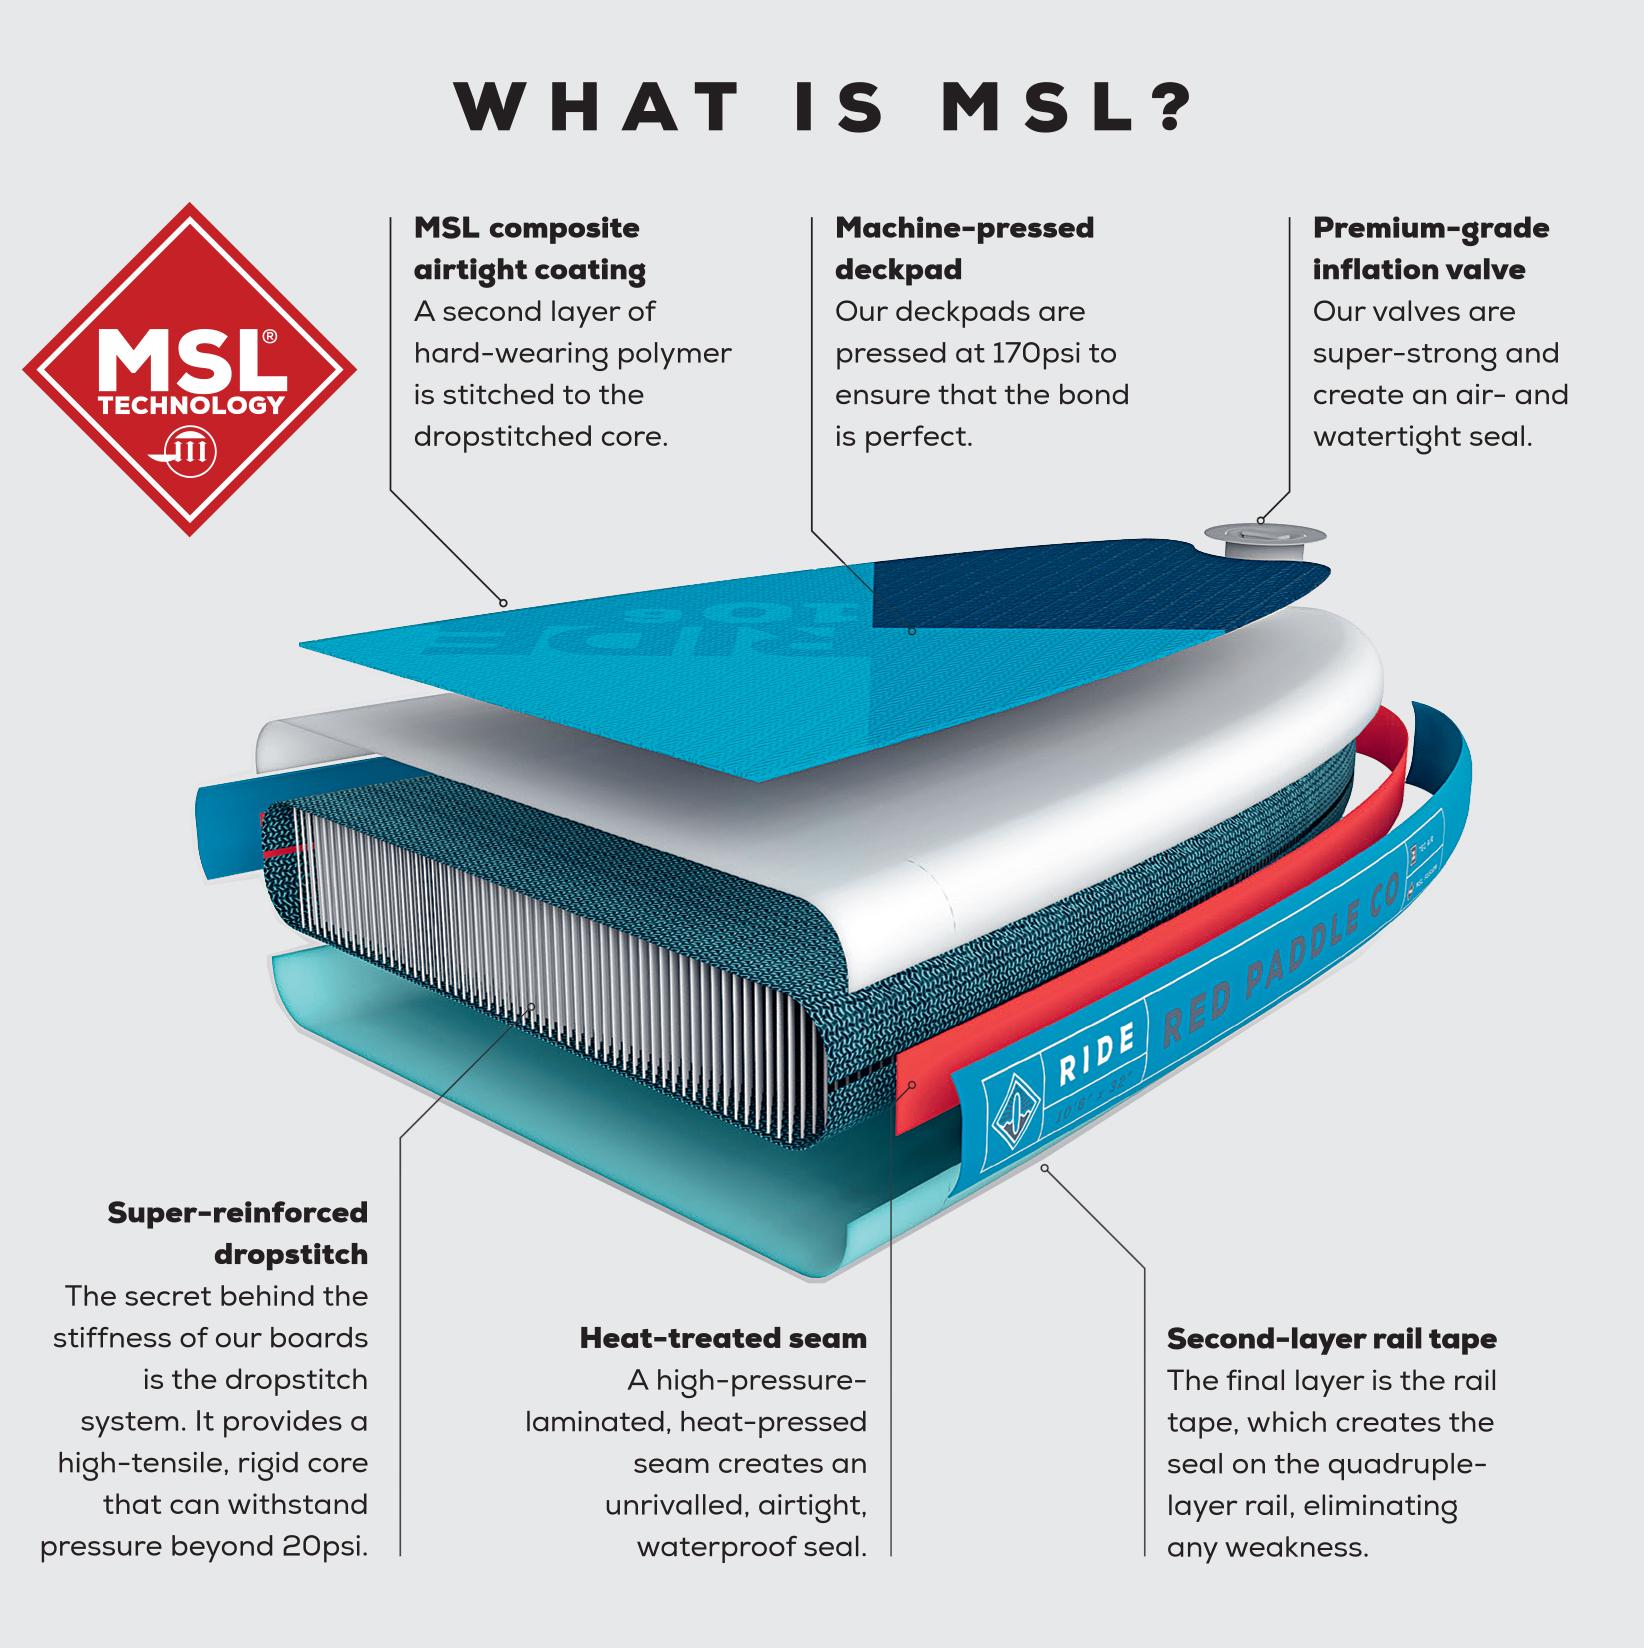 msl technology